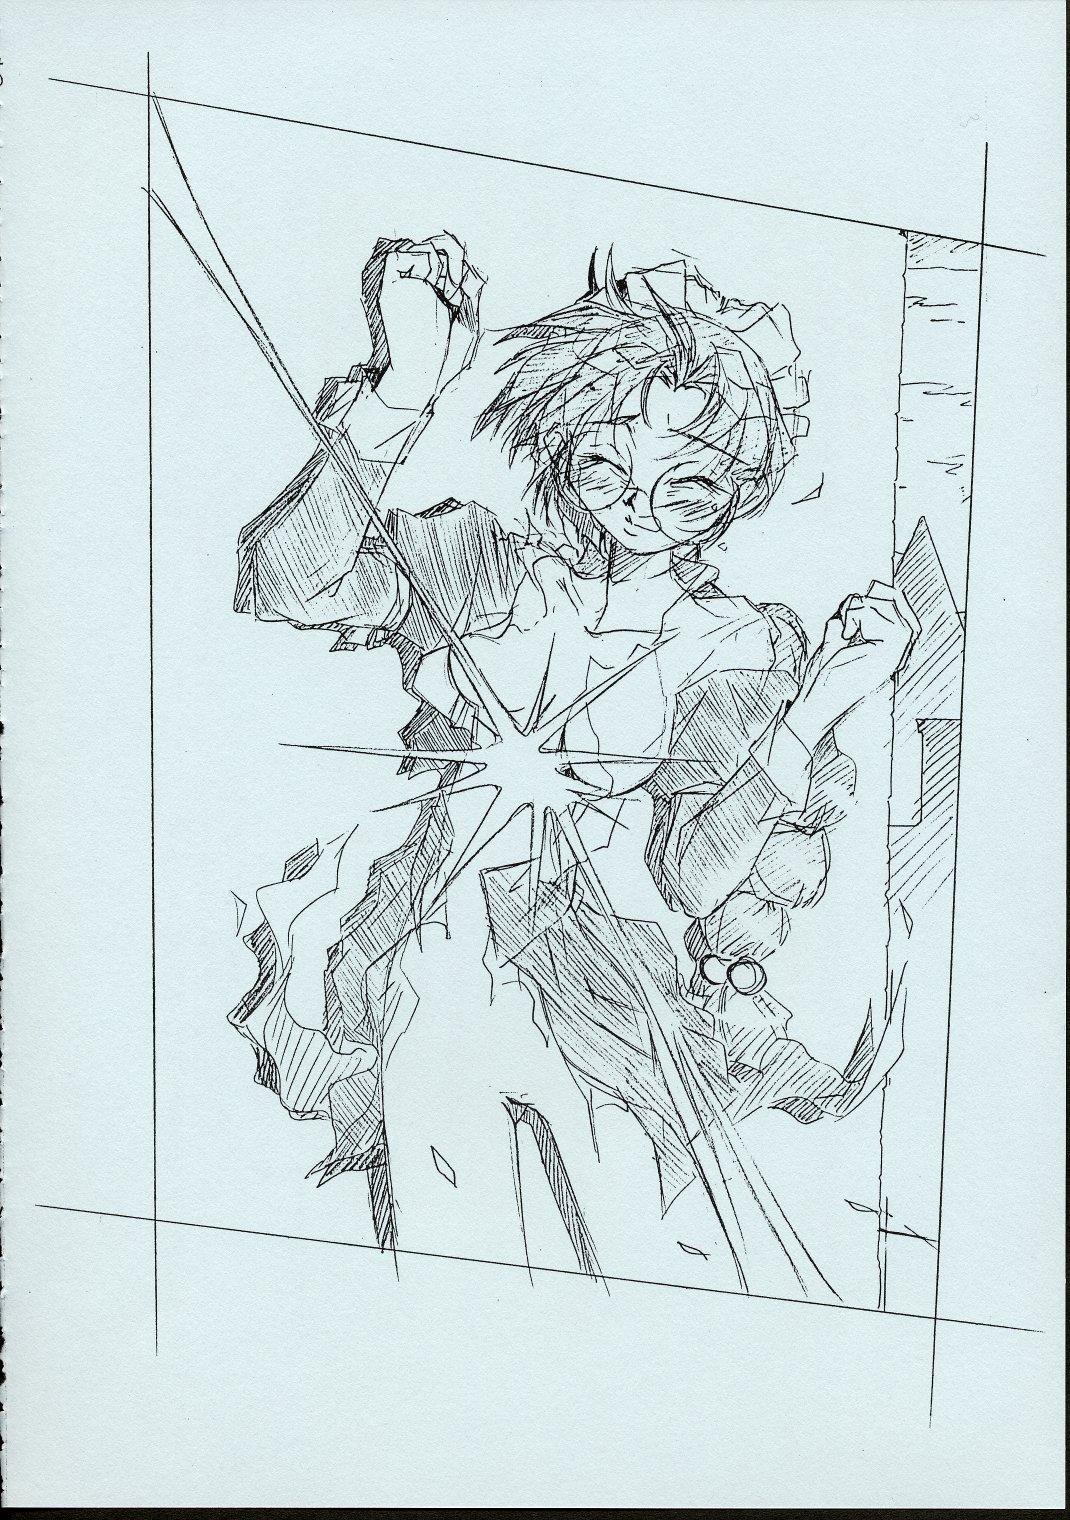 Maid-san kihonkei 38